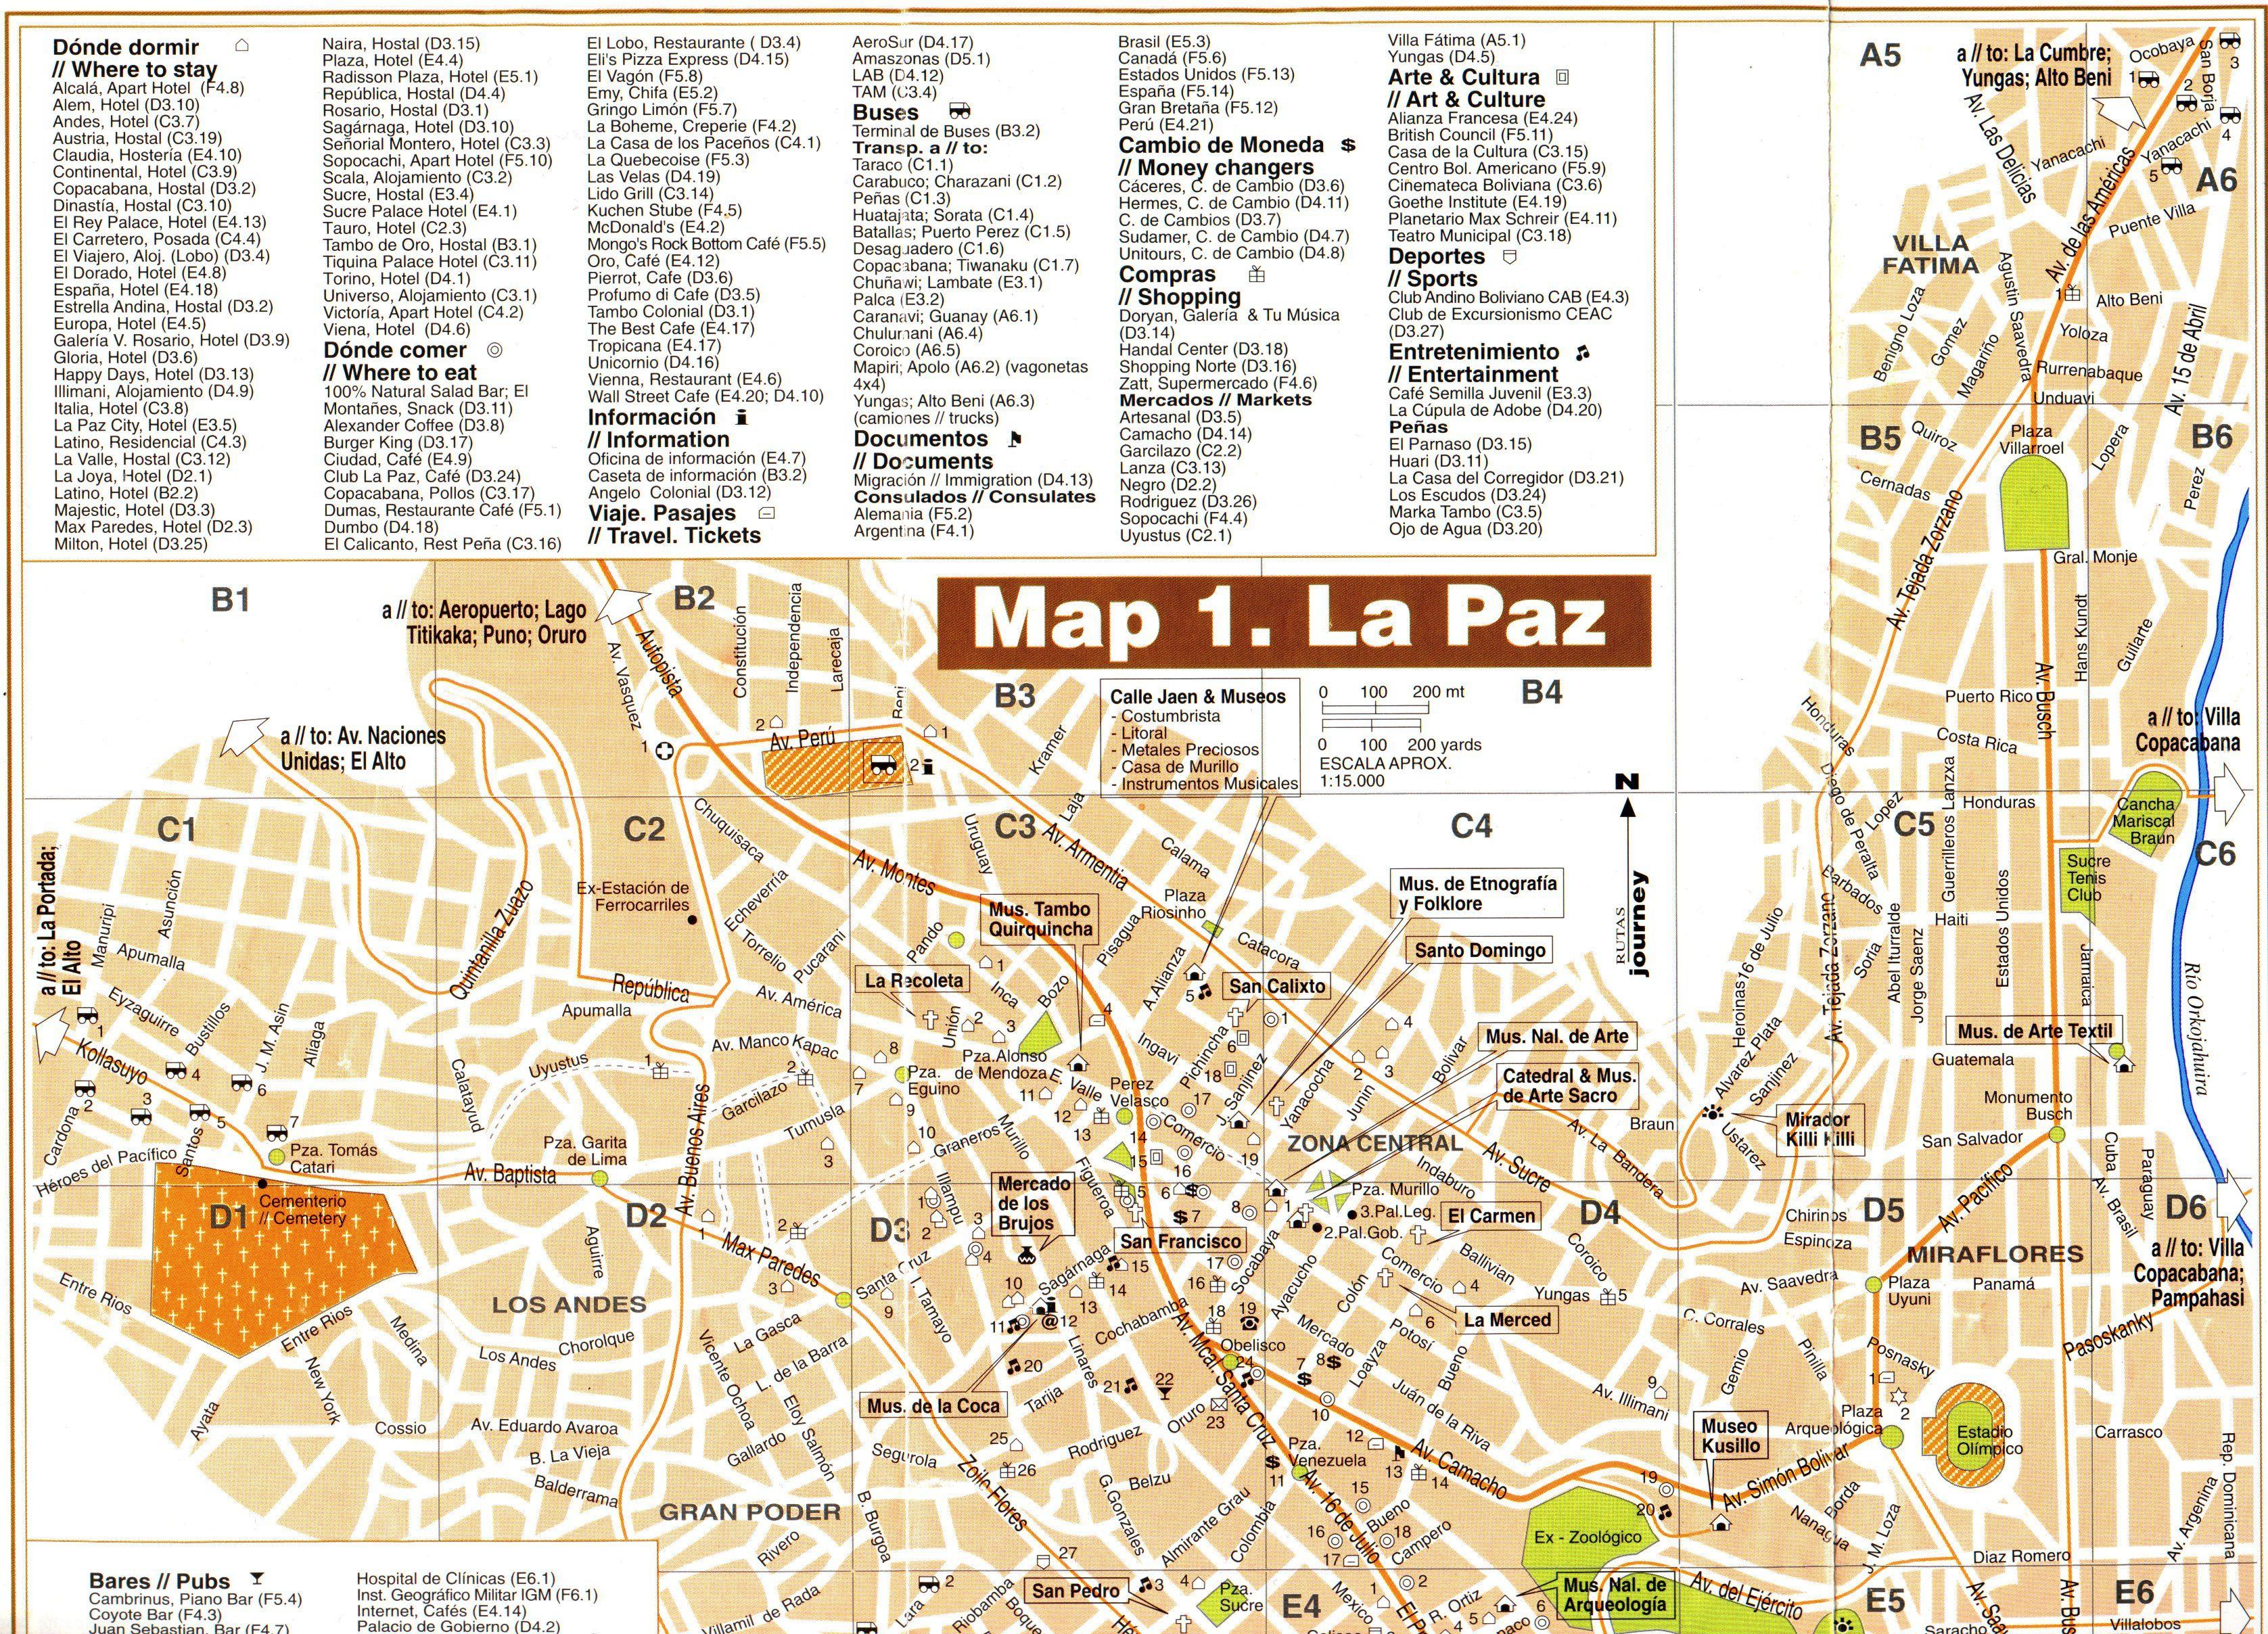 Mapa turistico de La Paz Bolivia  Bolivia  Pinterest  Bolivia